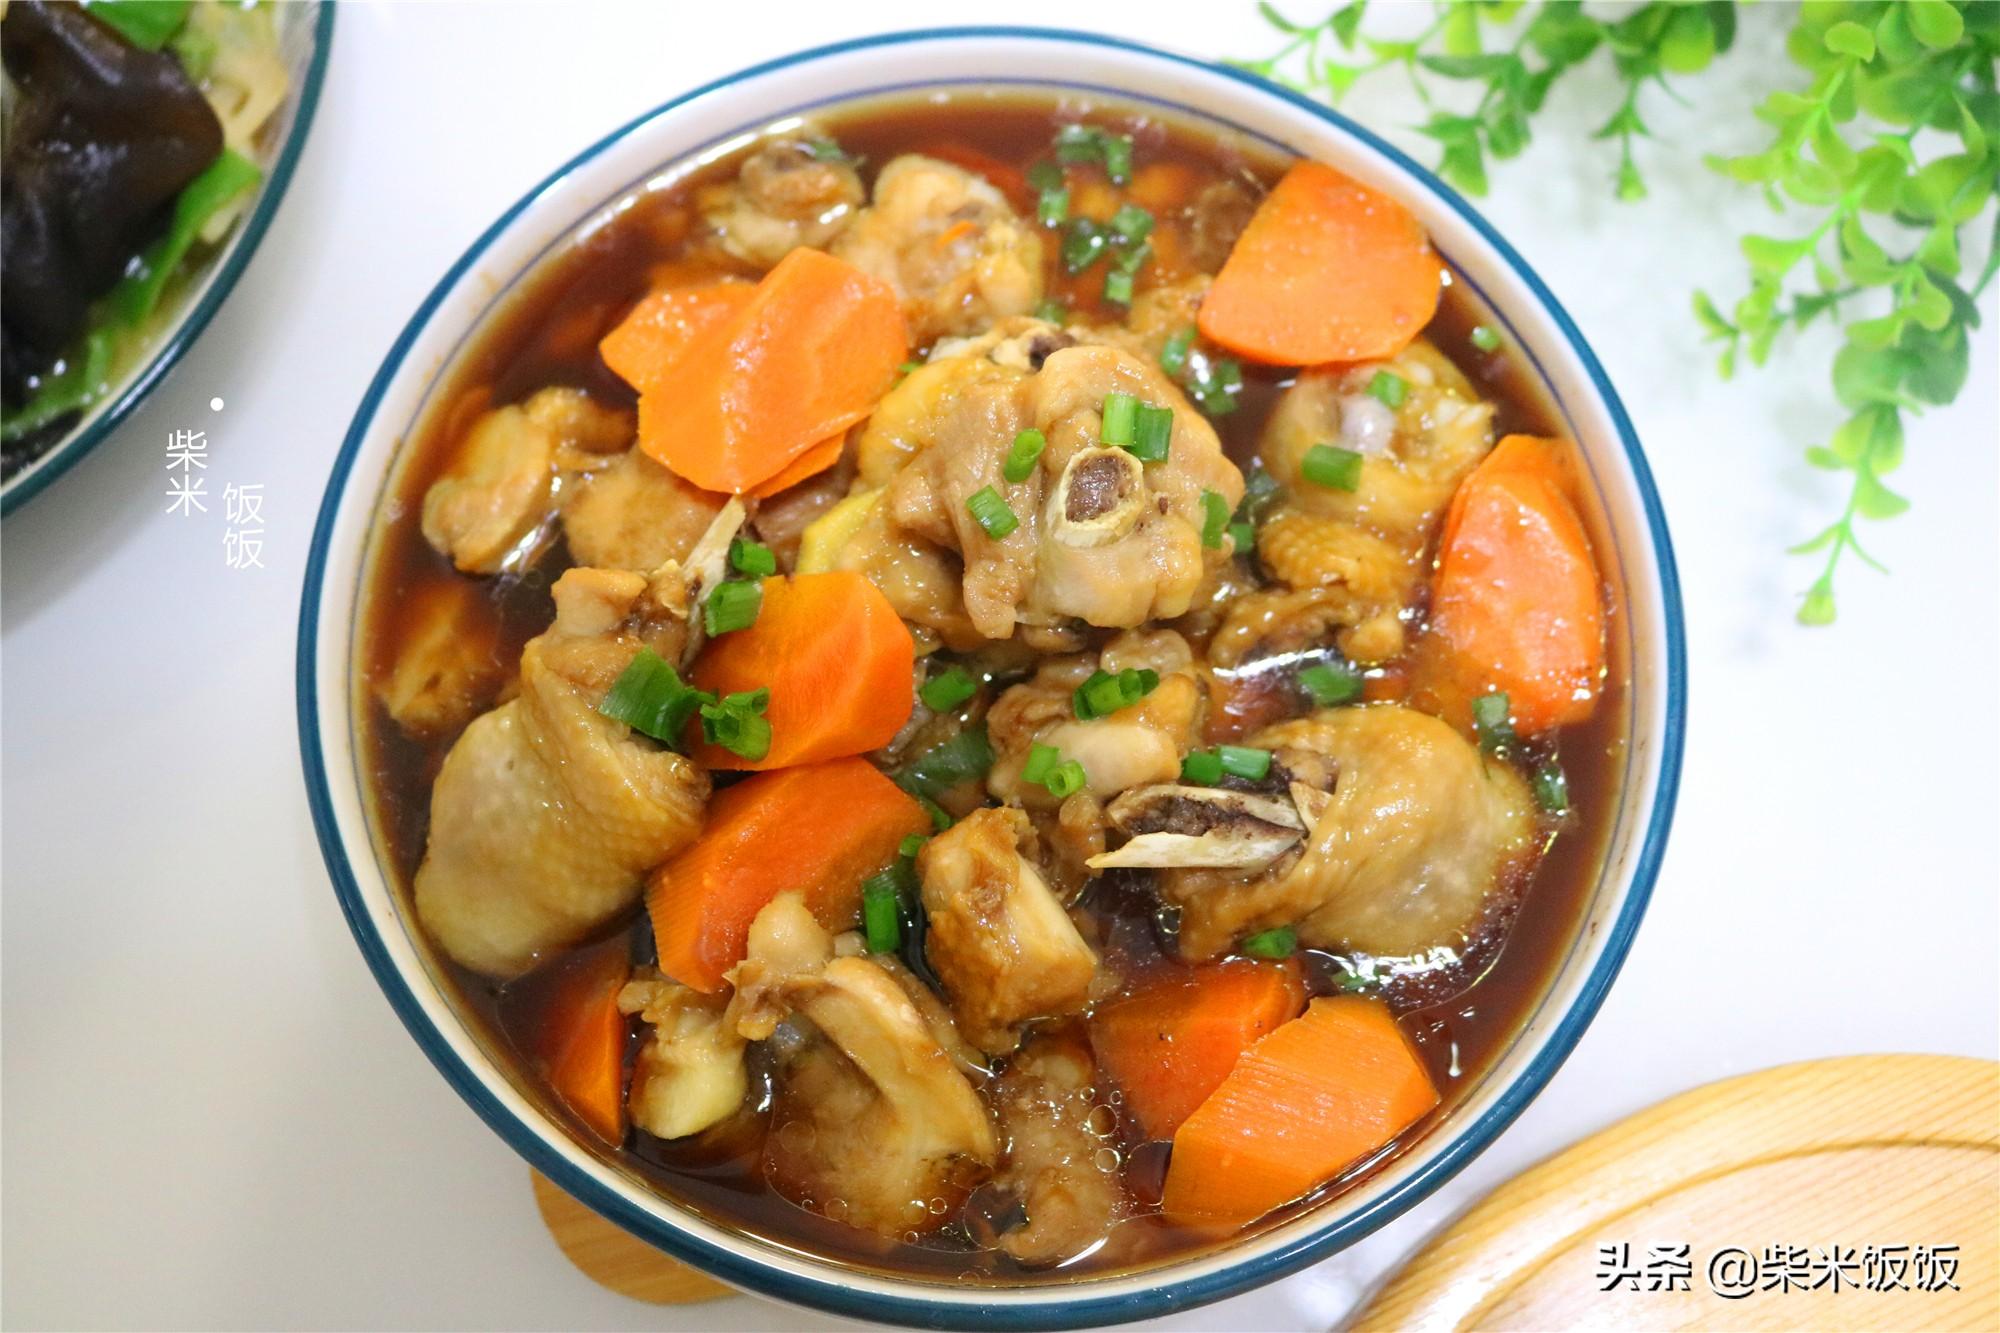 分享一道蒸菜,雞肉鮮香軟嫩,胡蘿蔔清甜多汁,營養好吃